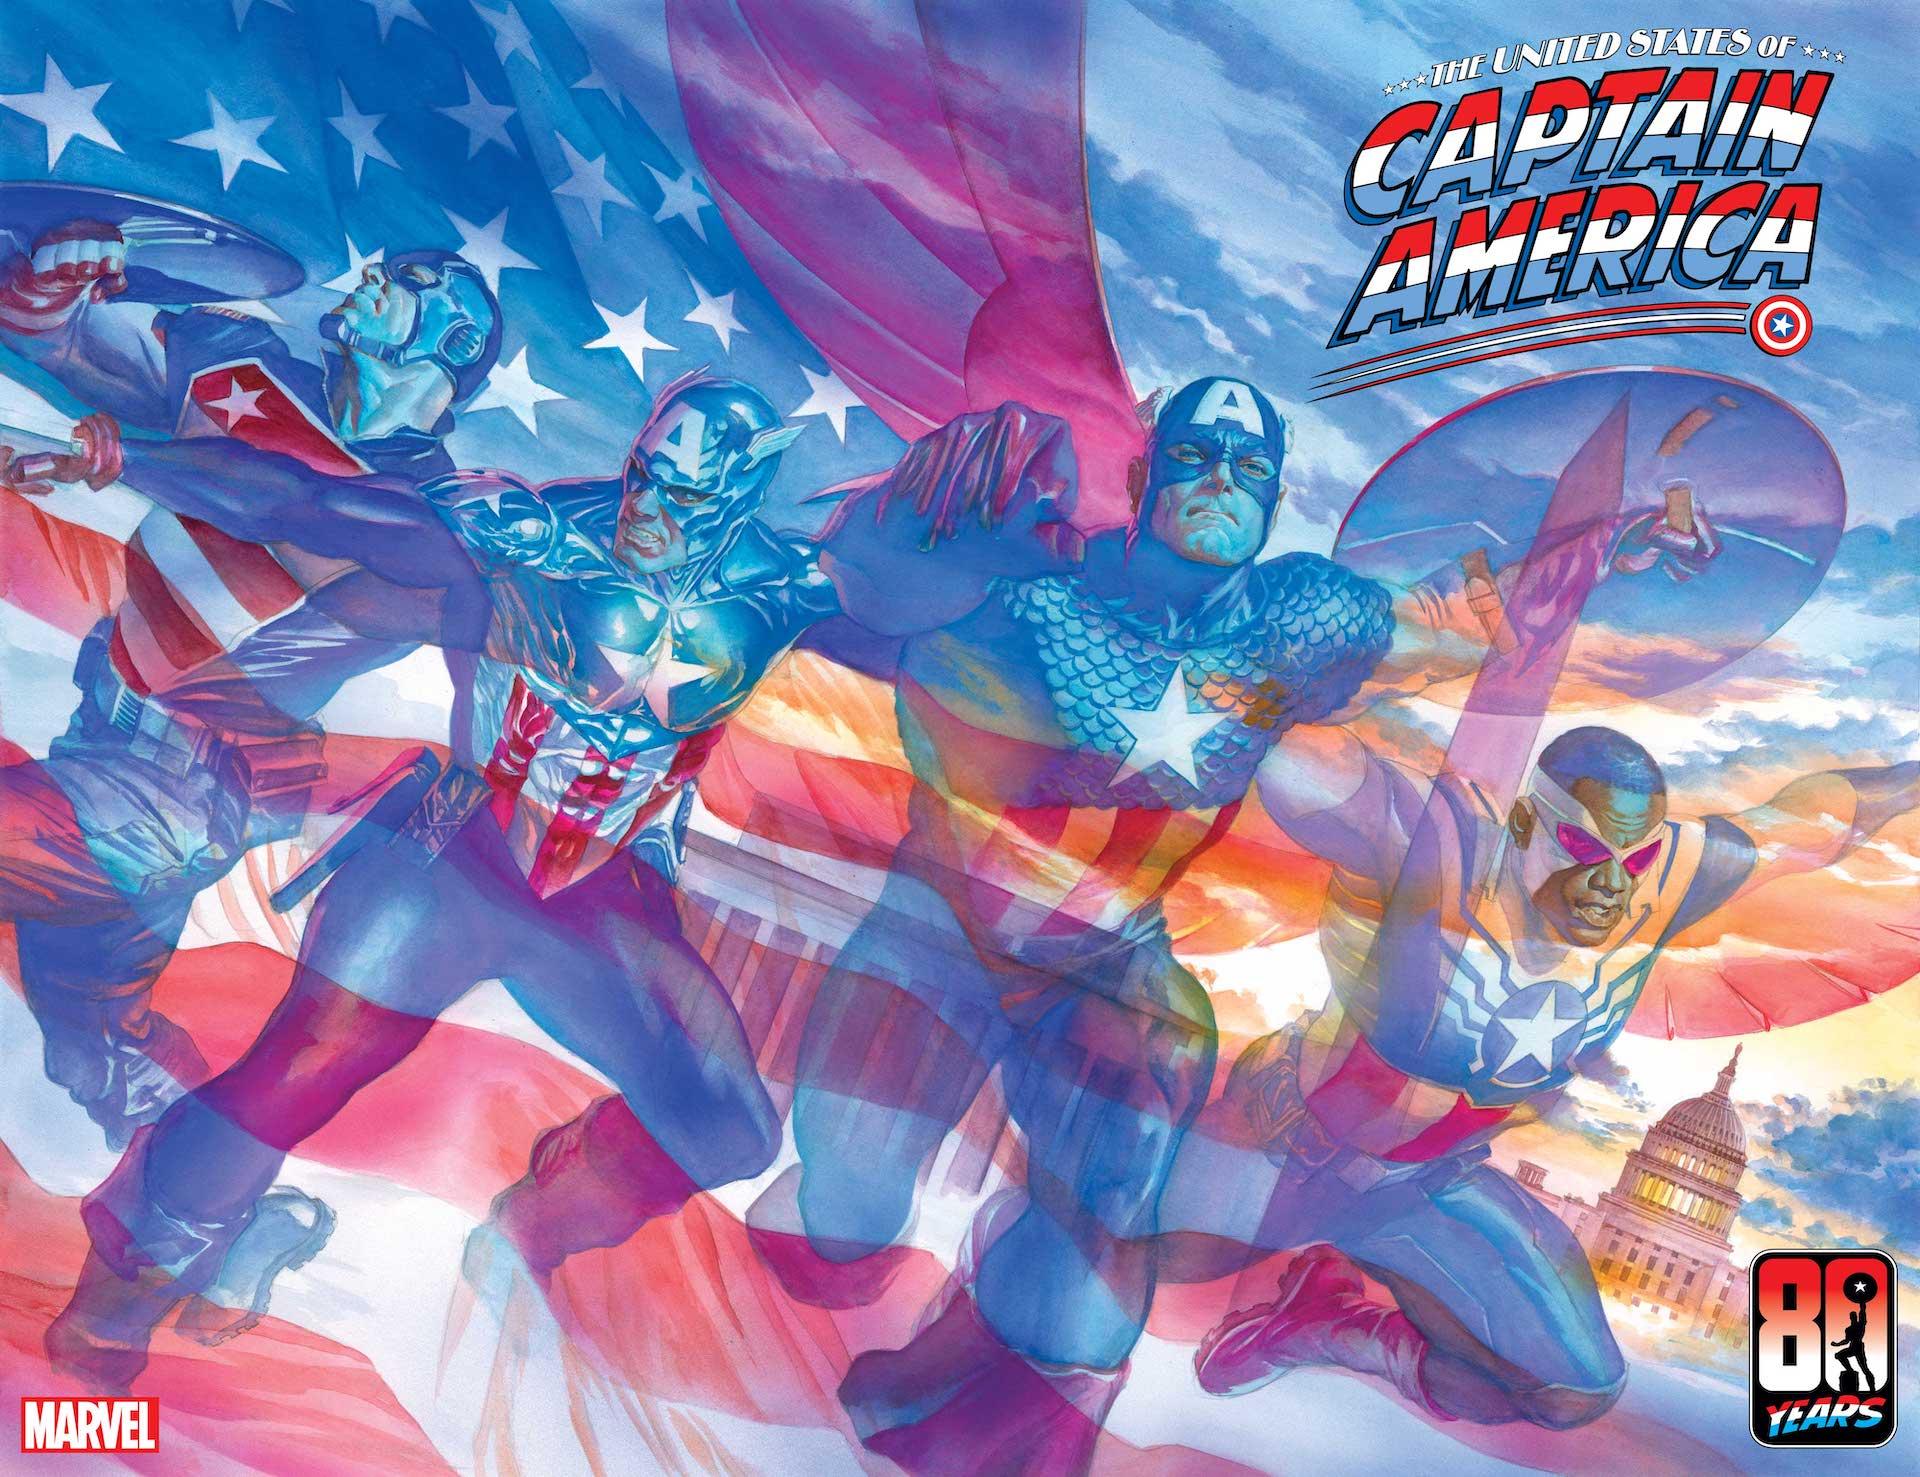 Portada de los Estados Unidos del Capitán América # 1 por Alex Ross